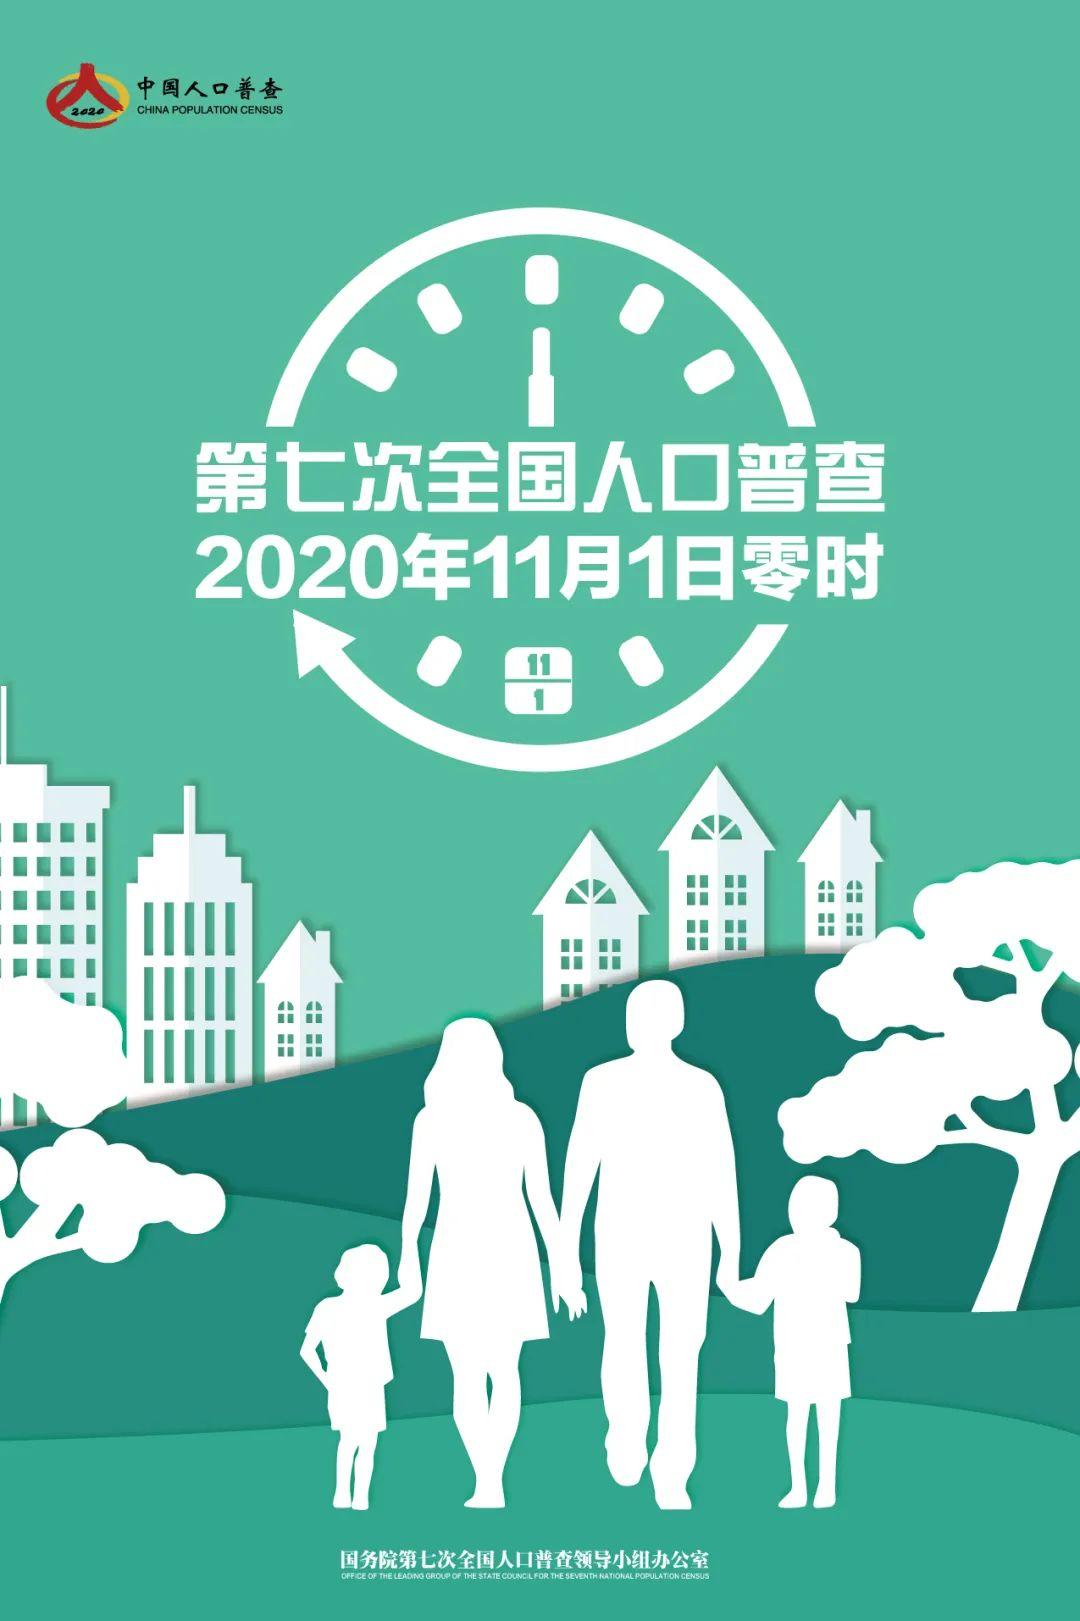 第七次全国人口普查宣传海报来了!图片